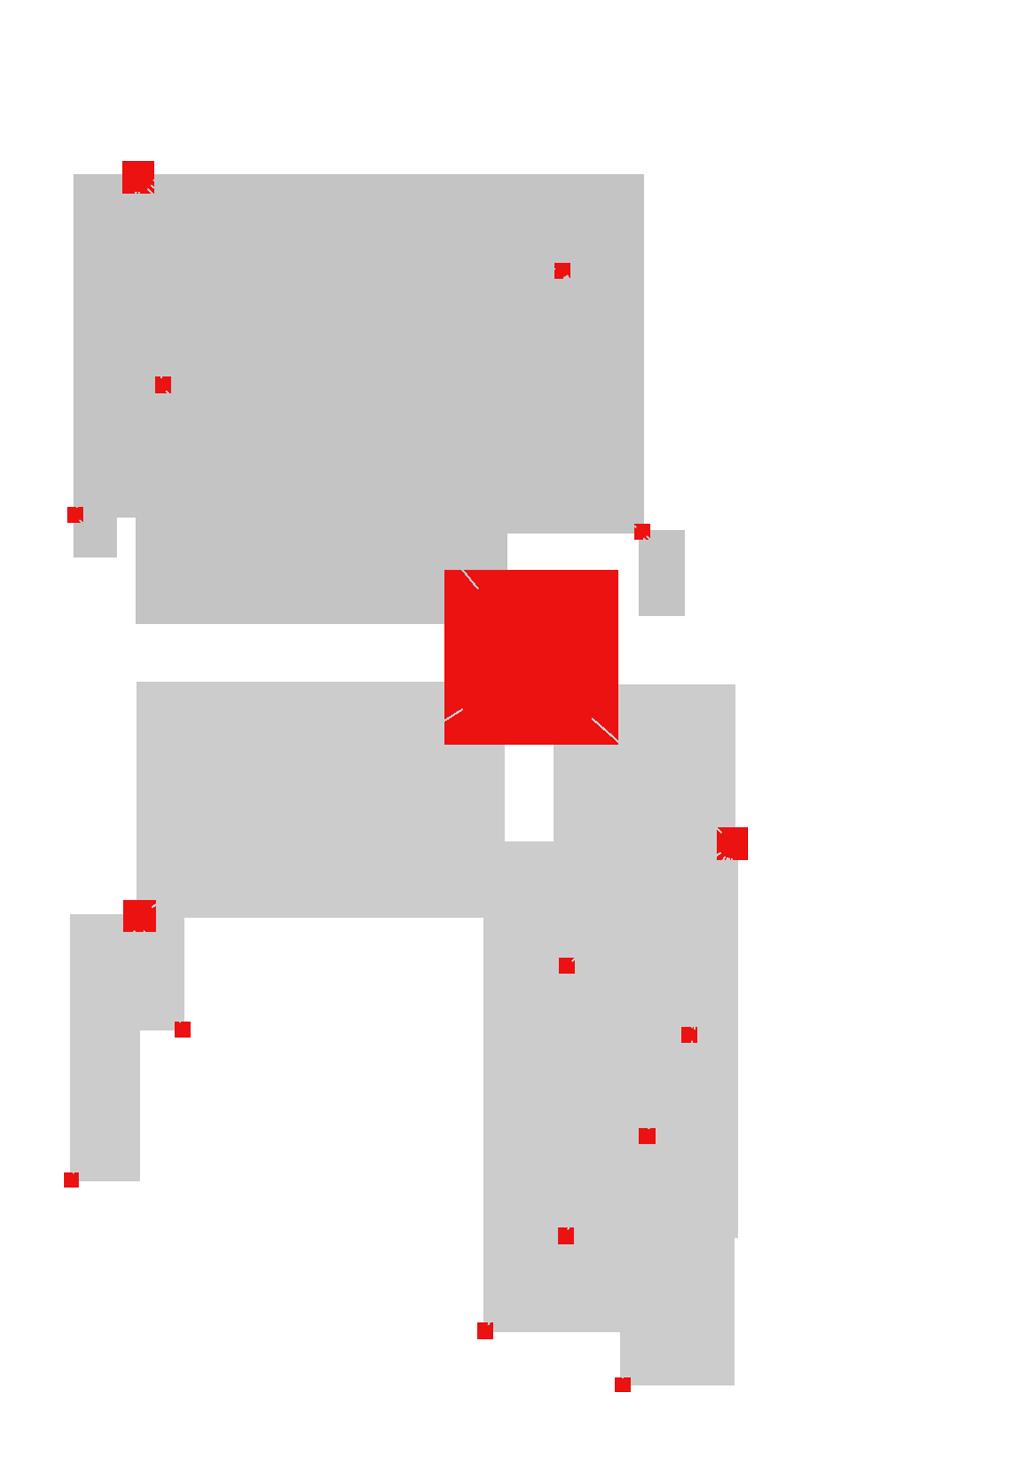 Iacovou Graph image